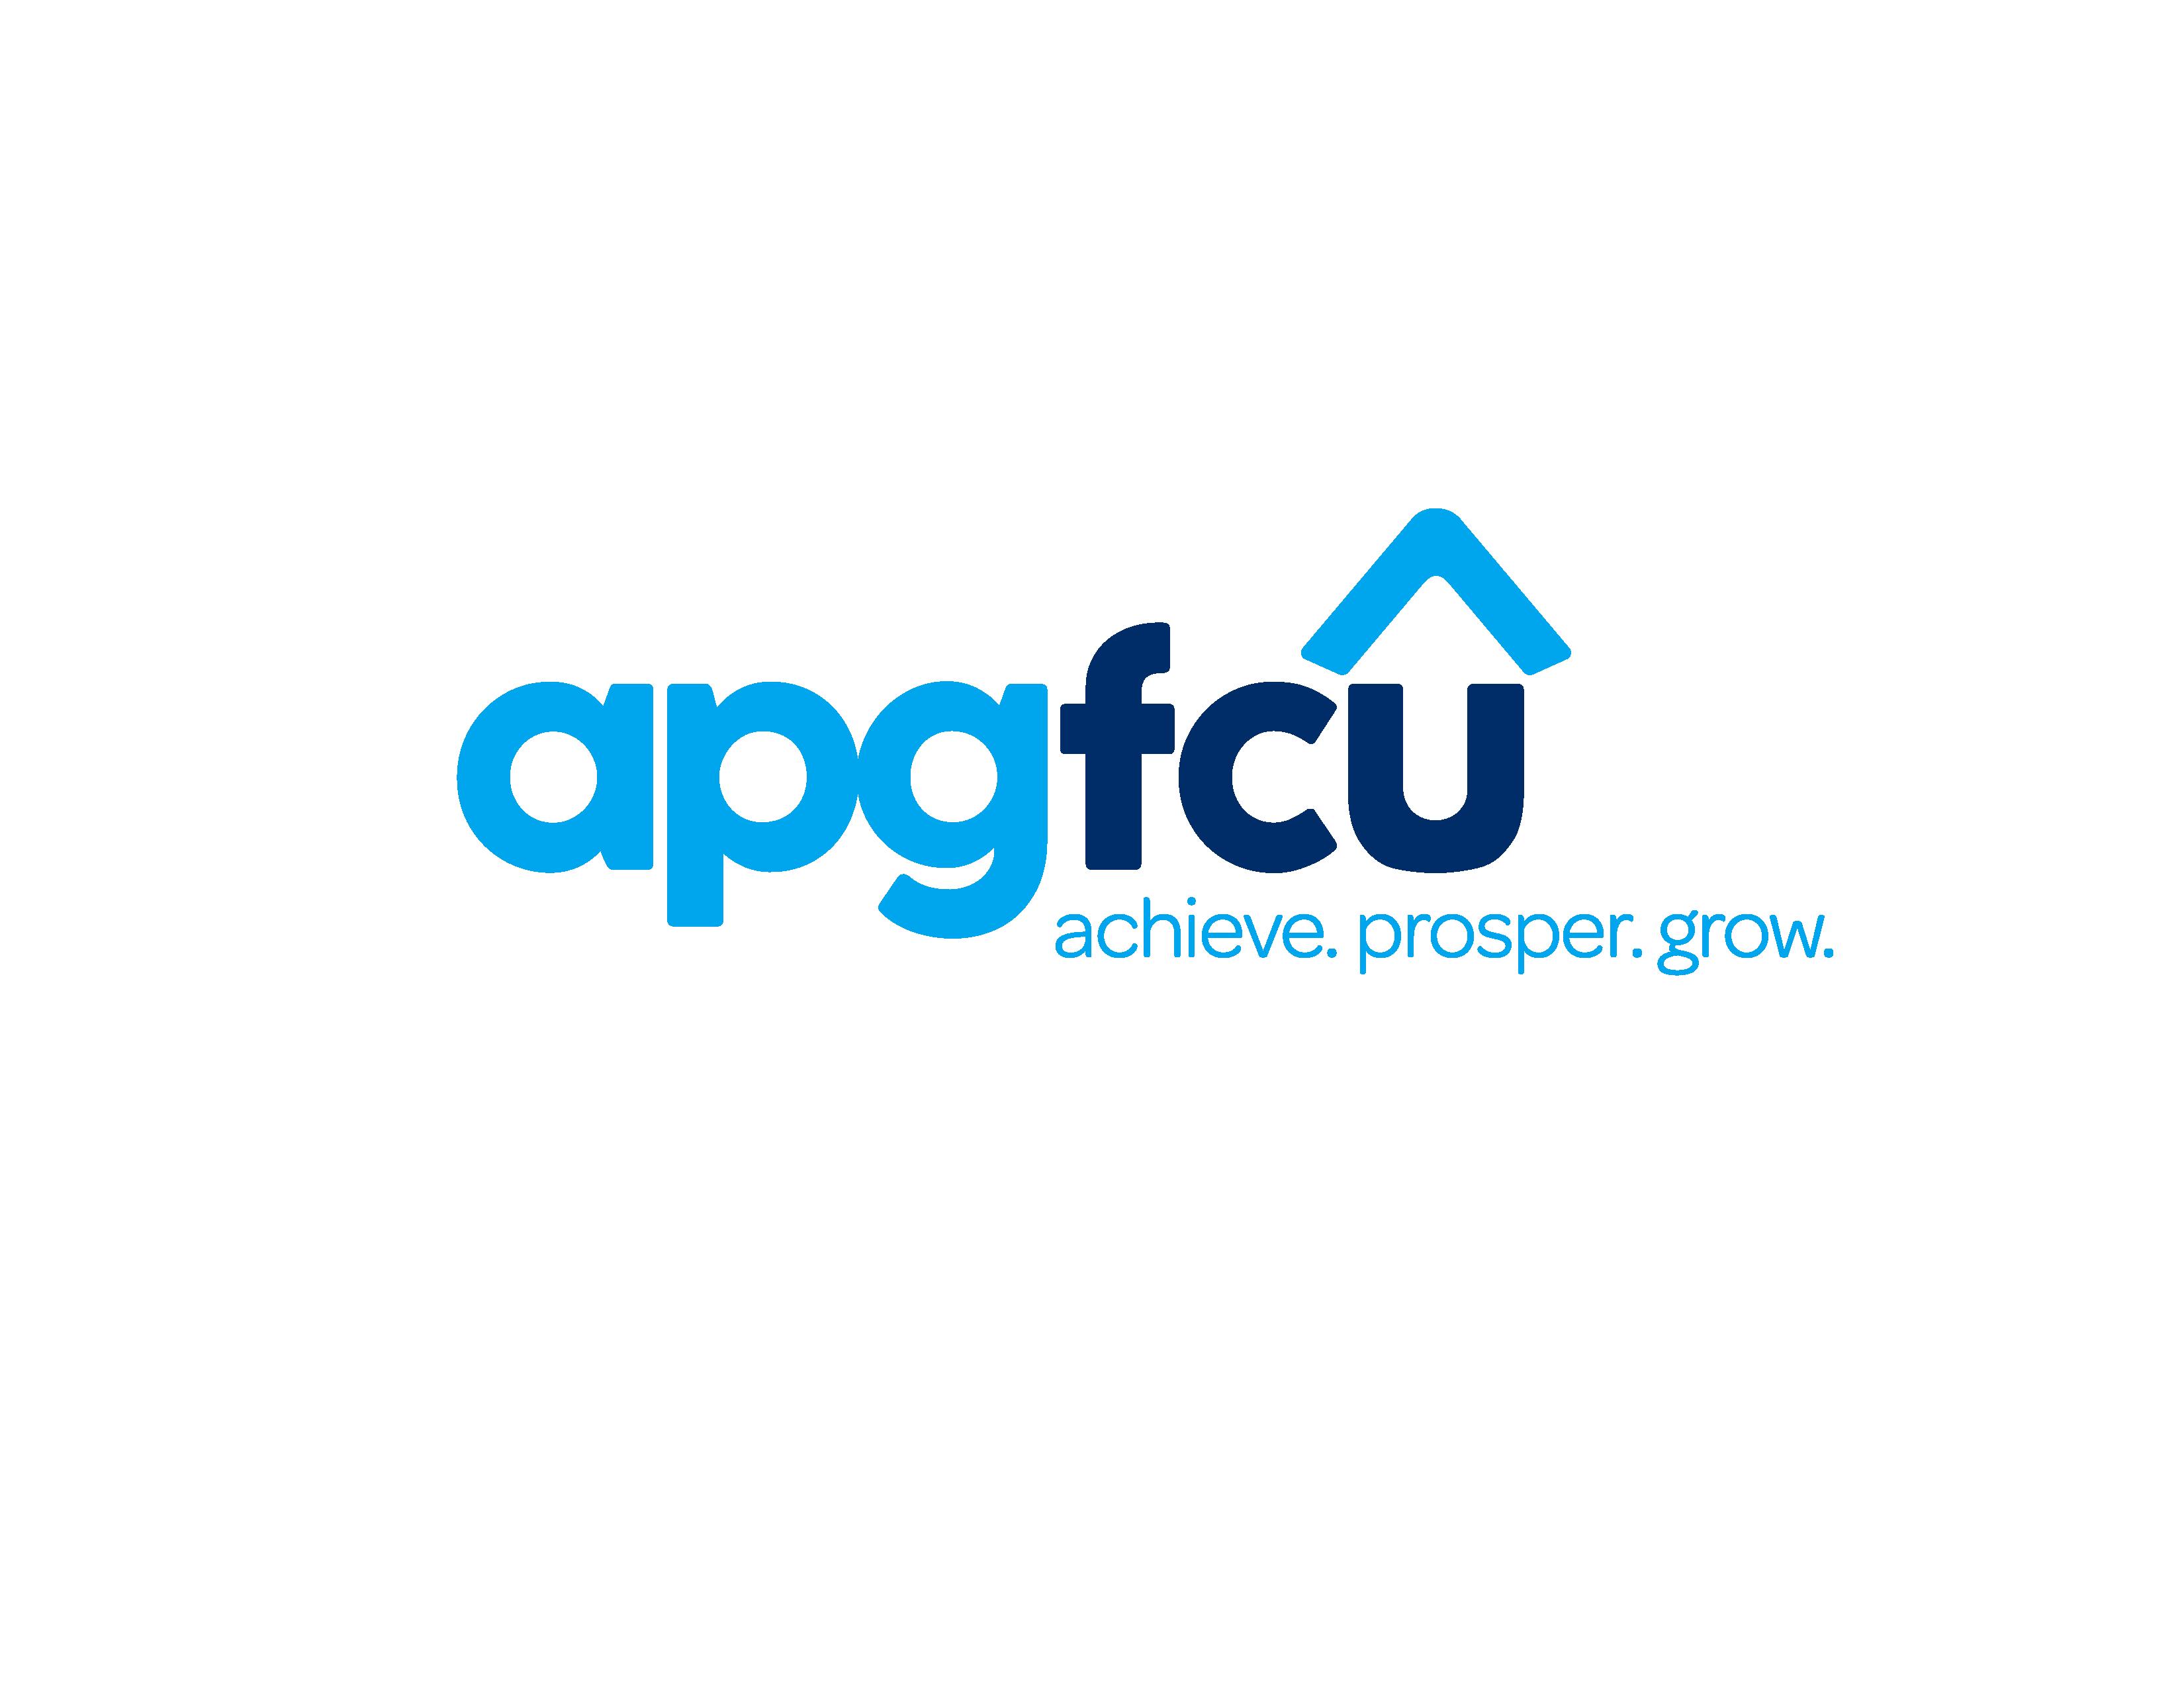 APGFCU